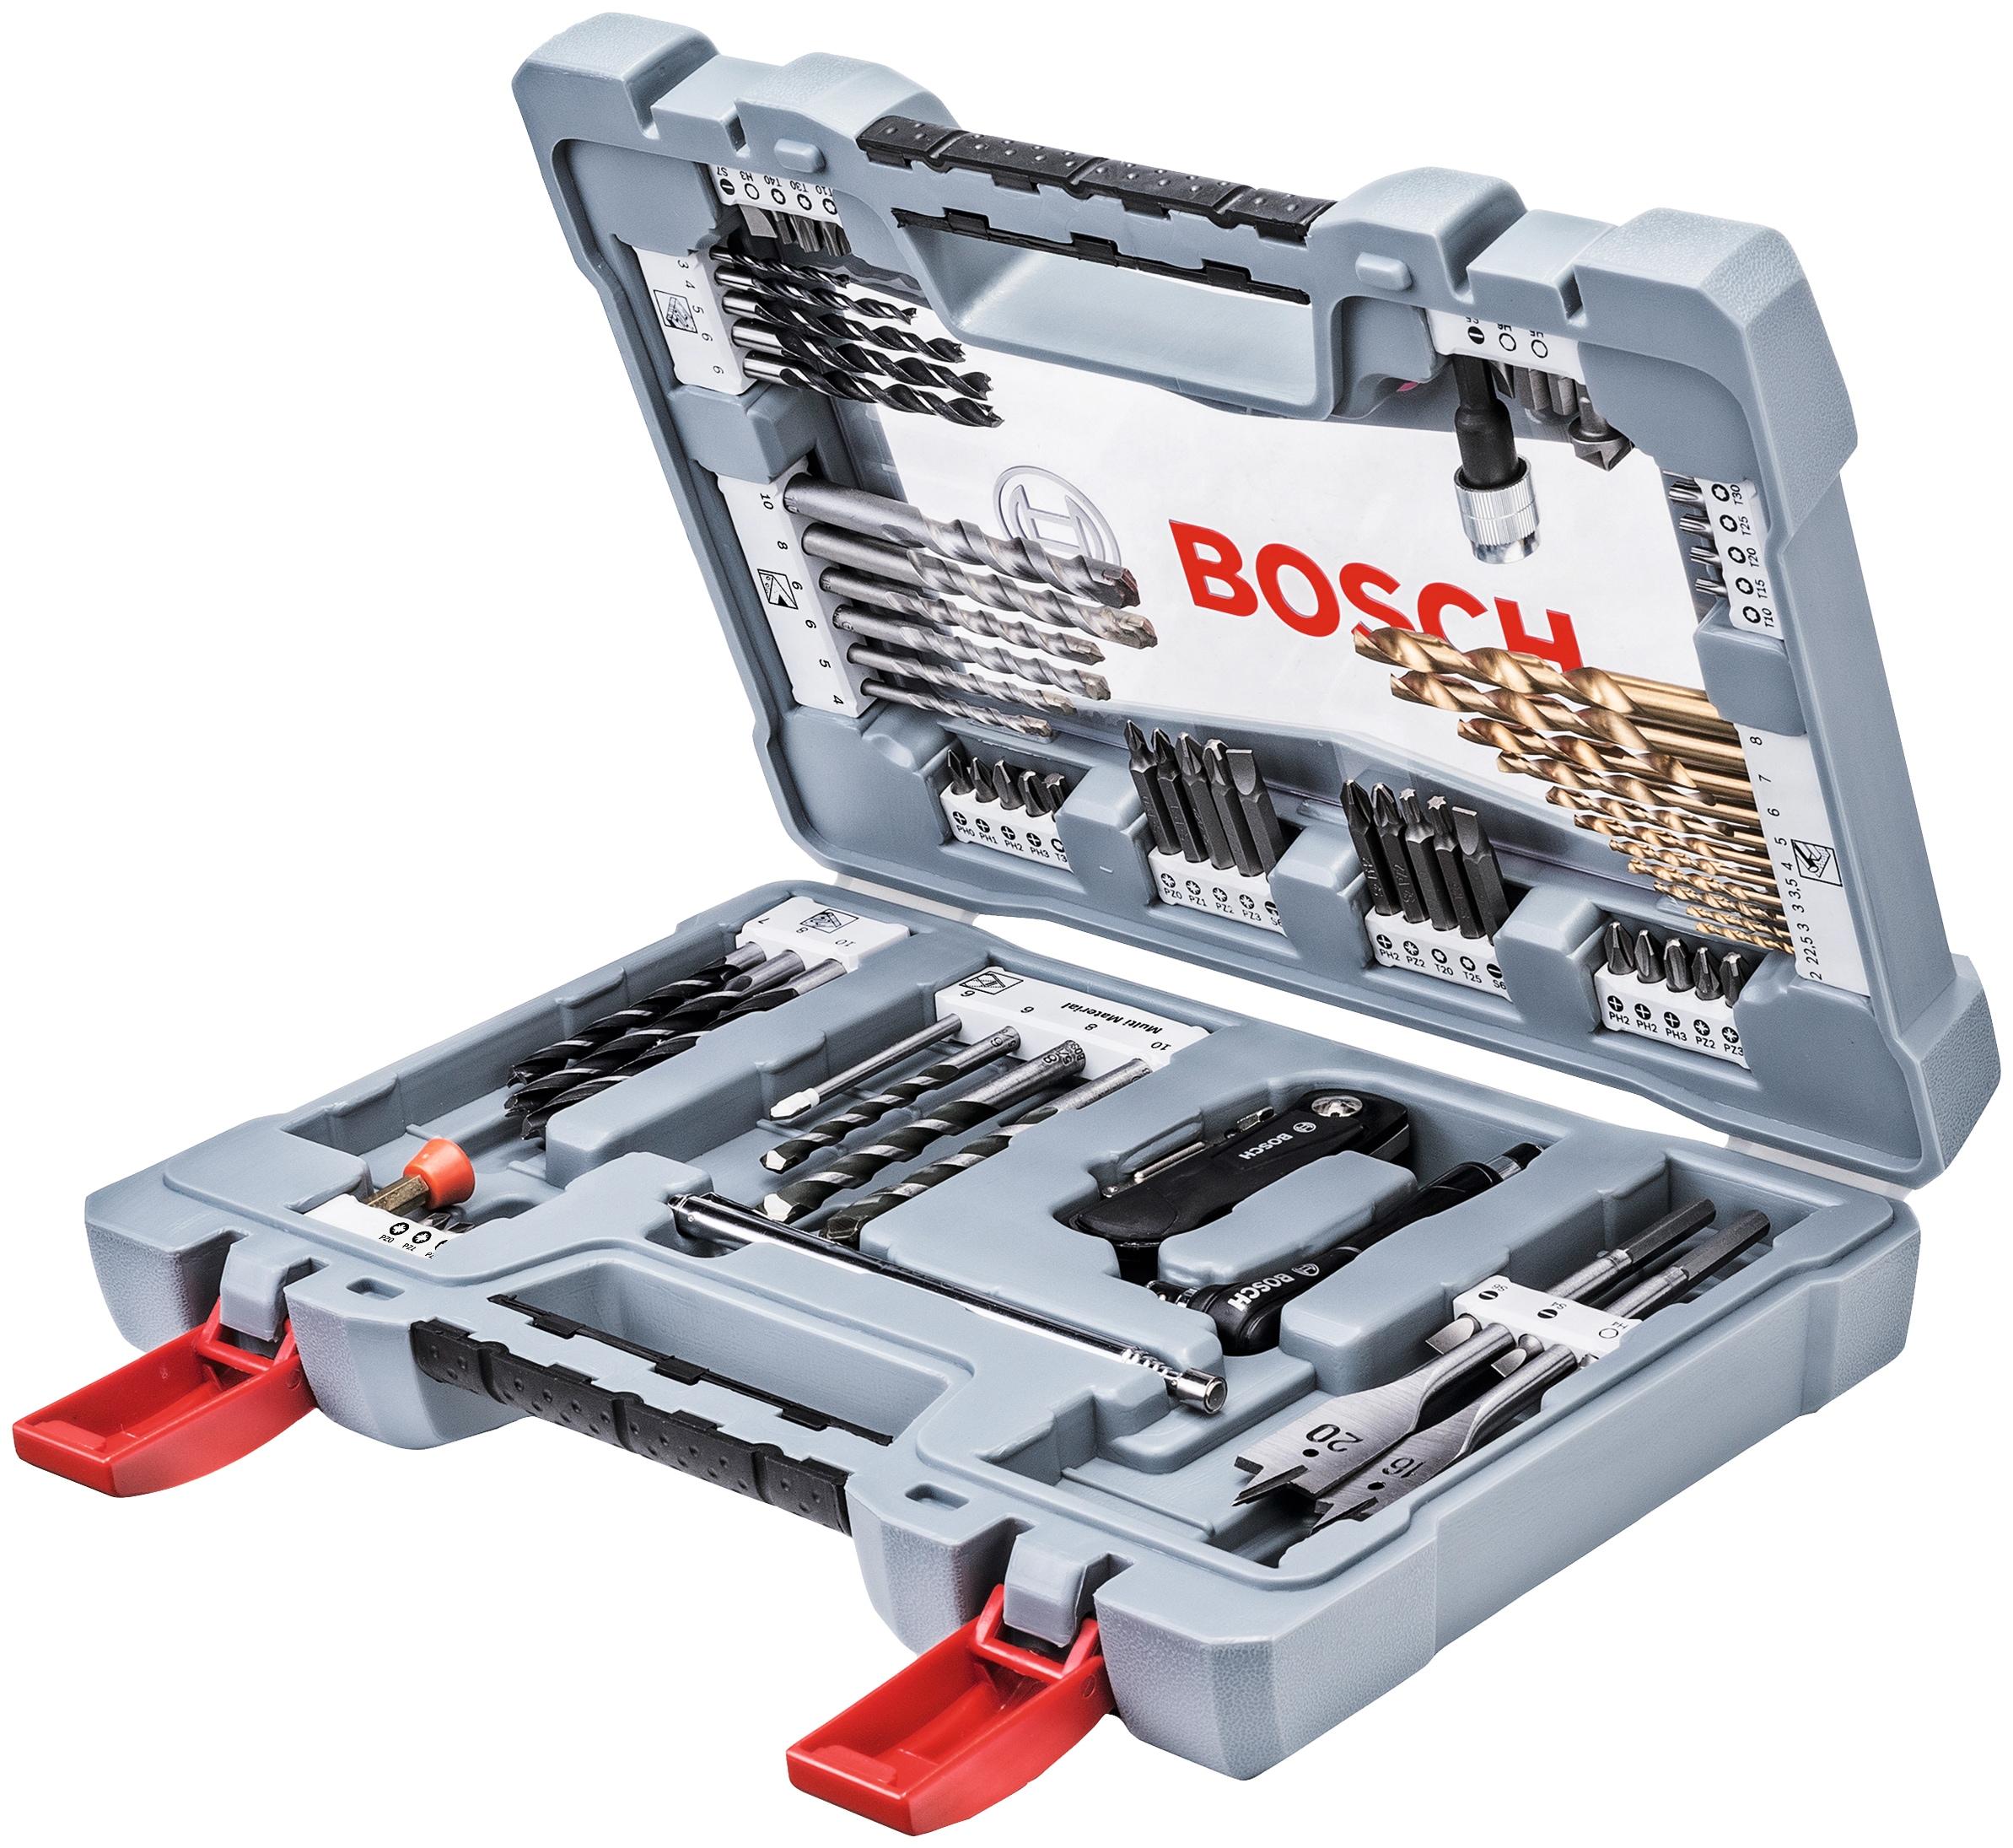 BOSCH Bohrer- und Bit-Set »Premium«, 76-tlg.   Baumarkt > Werkzeug > Werkzeug-Sets   Grau   Bosch